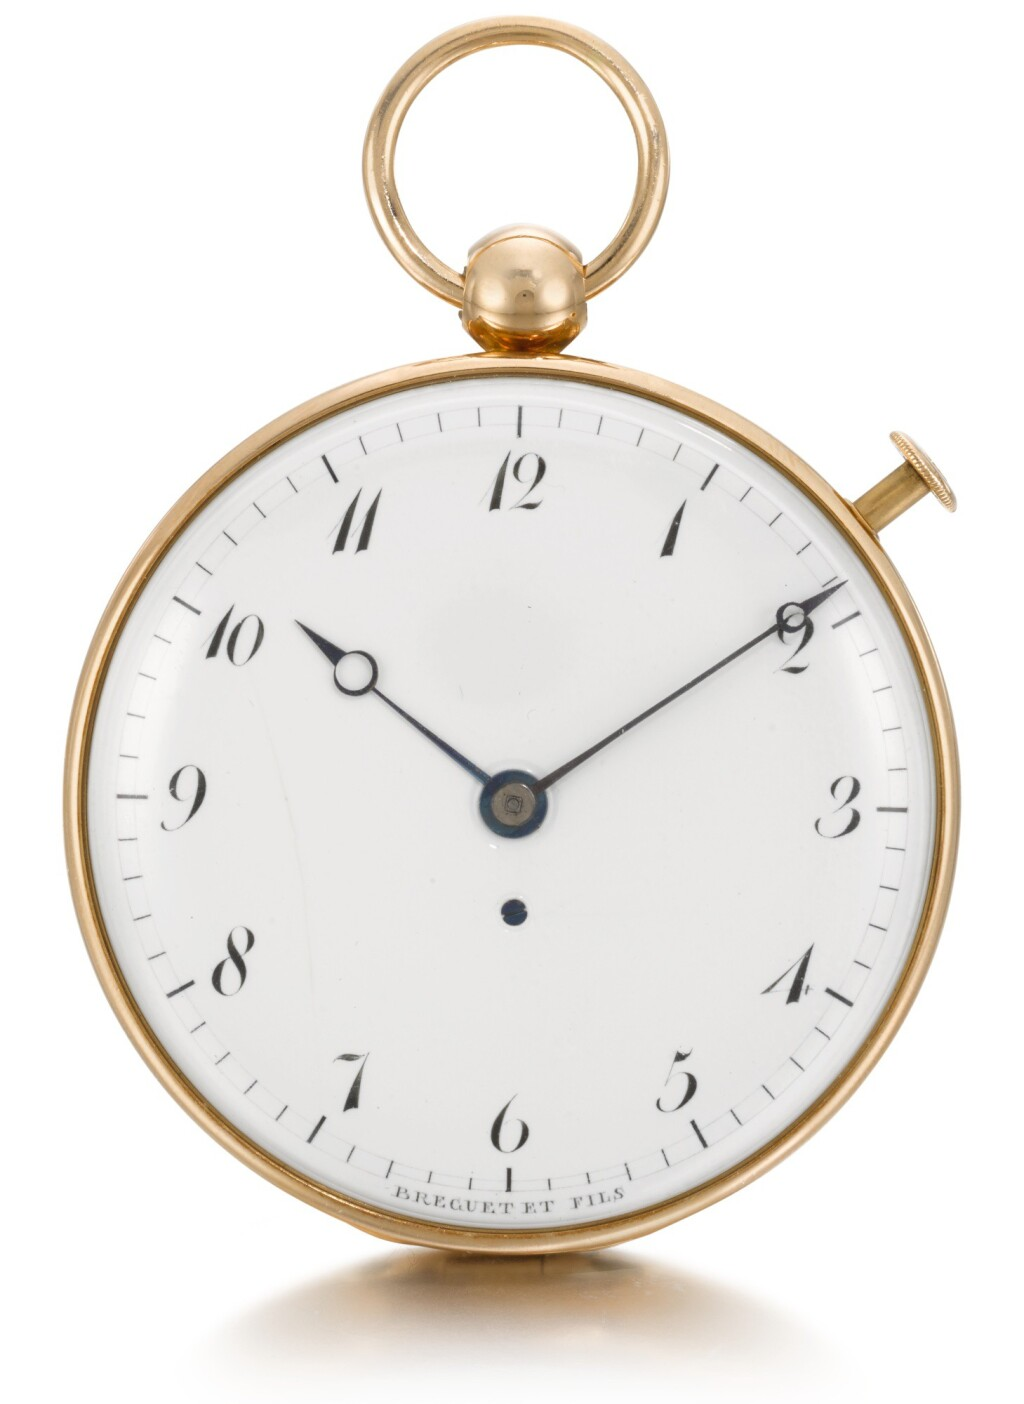 BREGUET | A GOLD OPEN-FACED DUMB QUARTER REPEATING WATCH  CIRCA 1806, NO. 1644